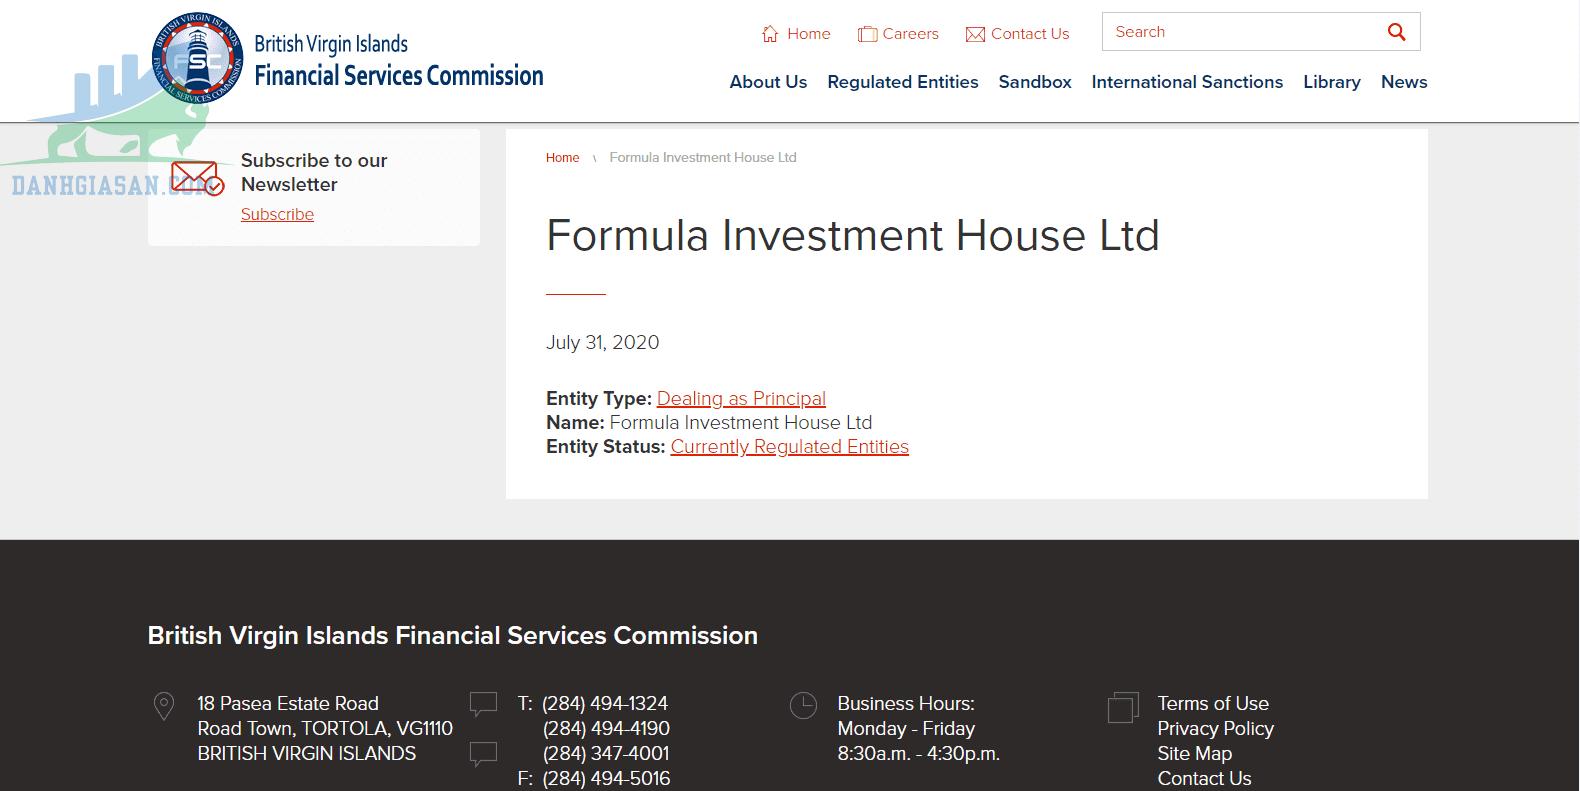 Trang web của BVIFSC xác nhận trạng thái hoạt động kể từ tháng 7 năm 2020.